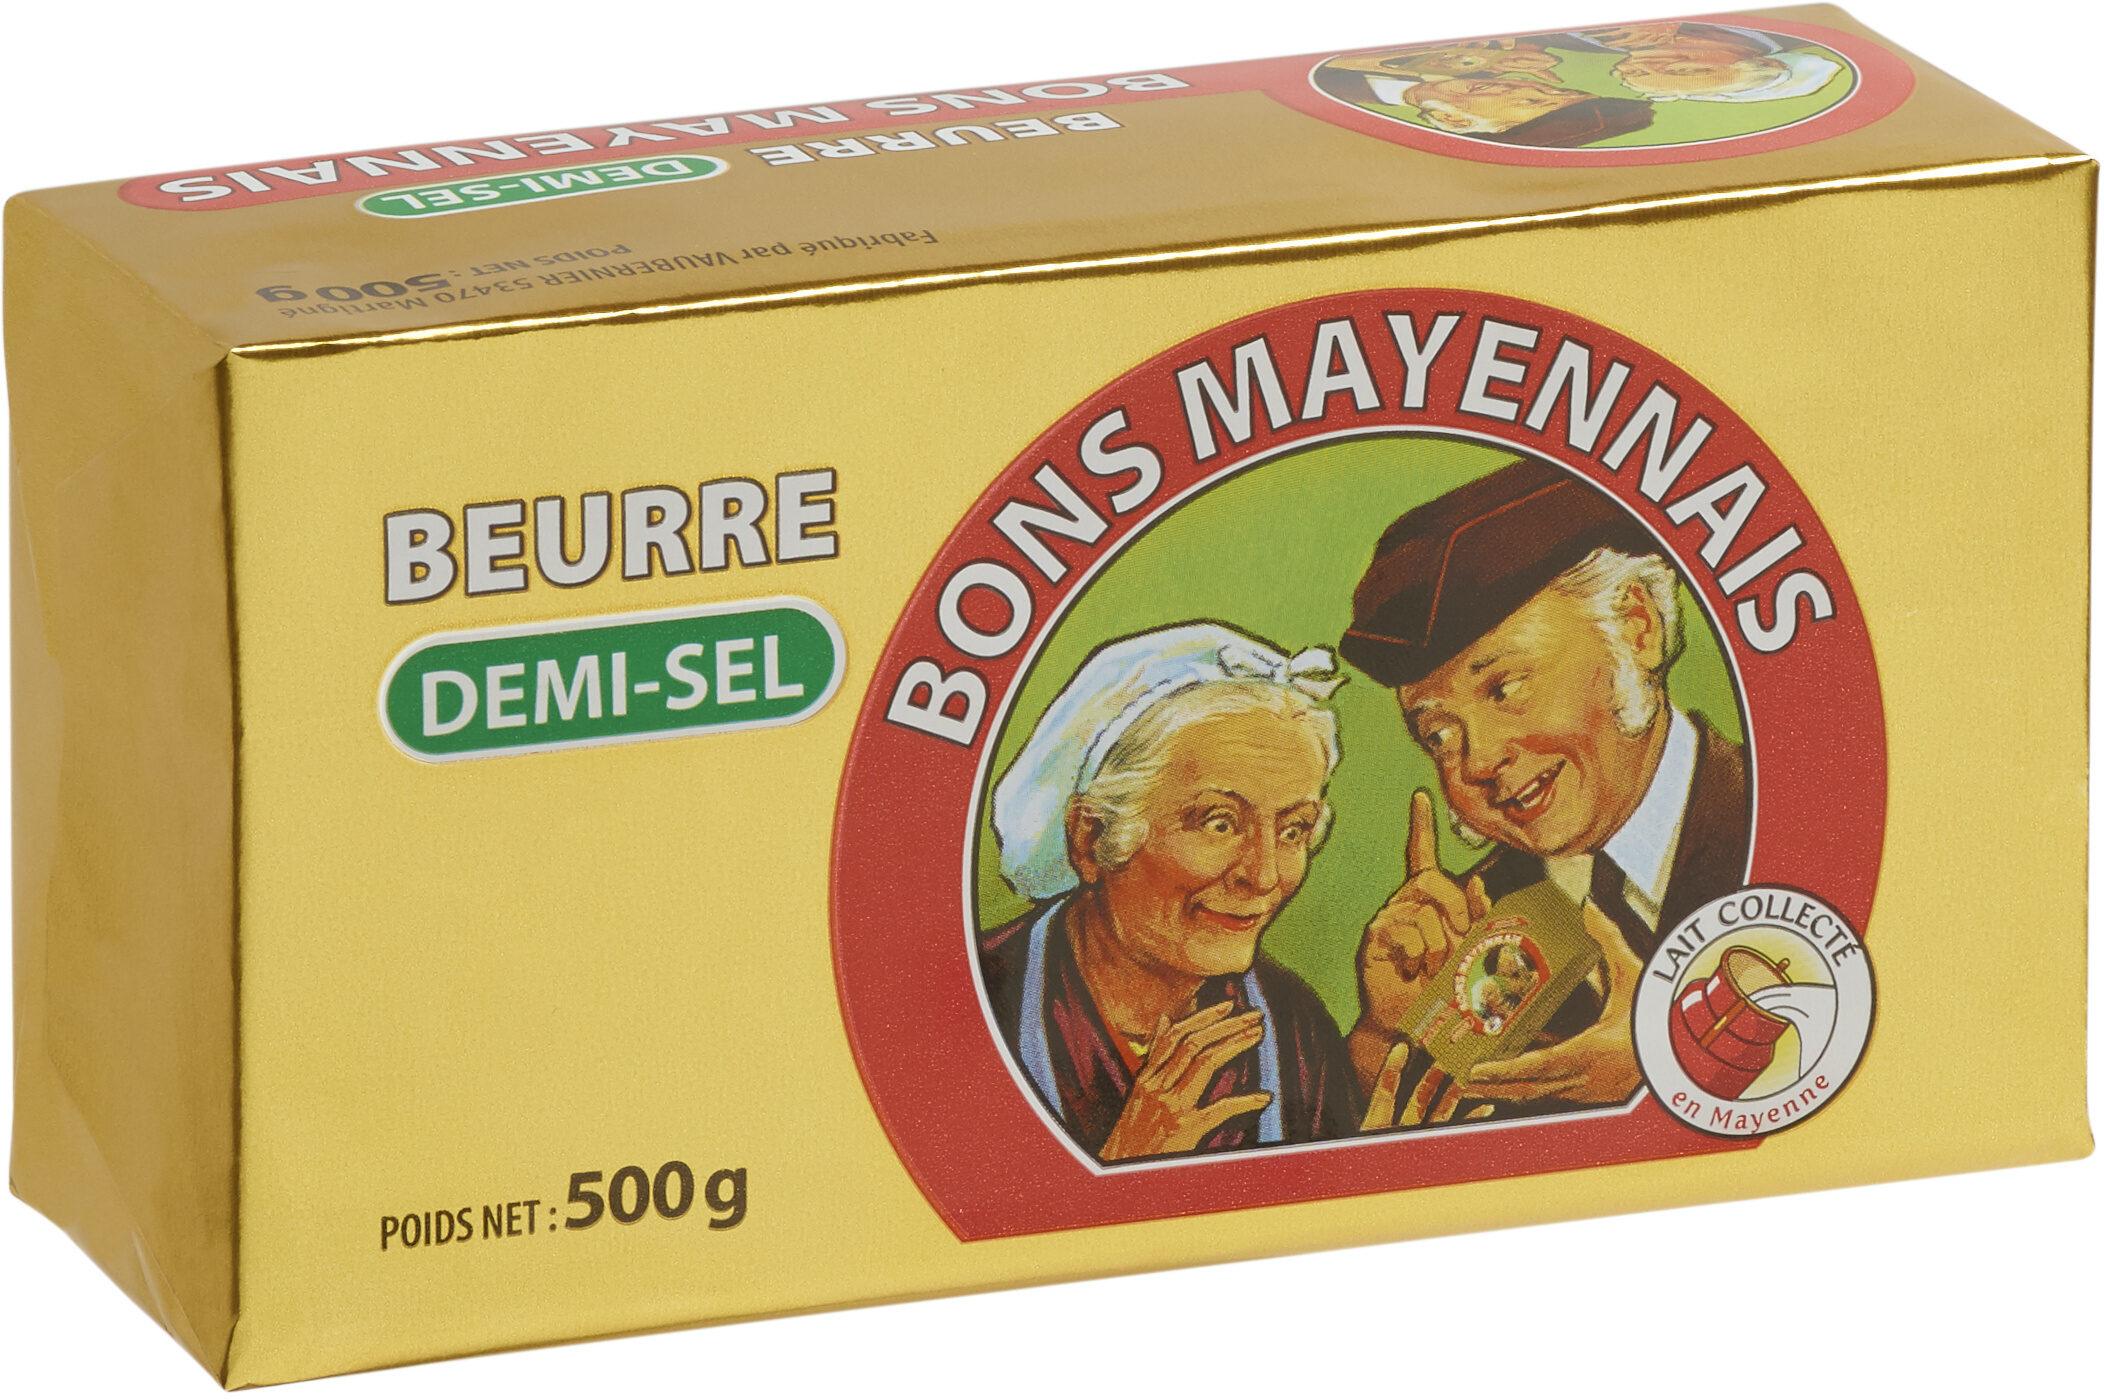 Beurre demi-sel - Produit - fr